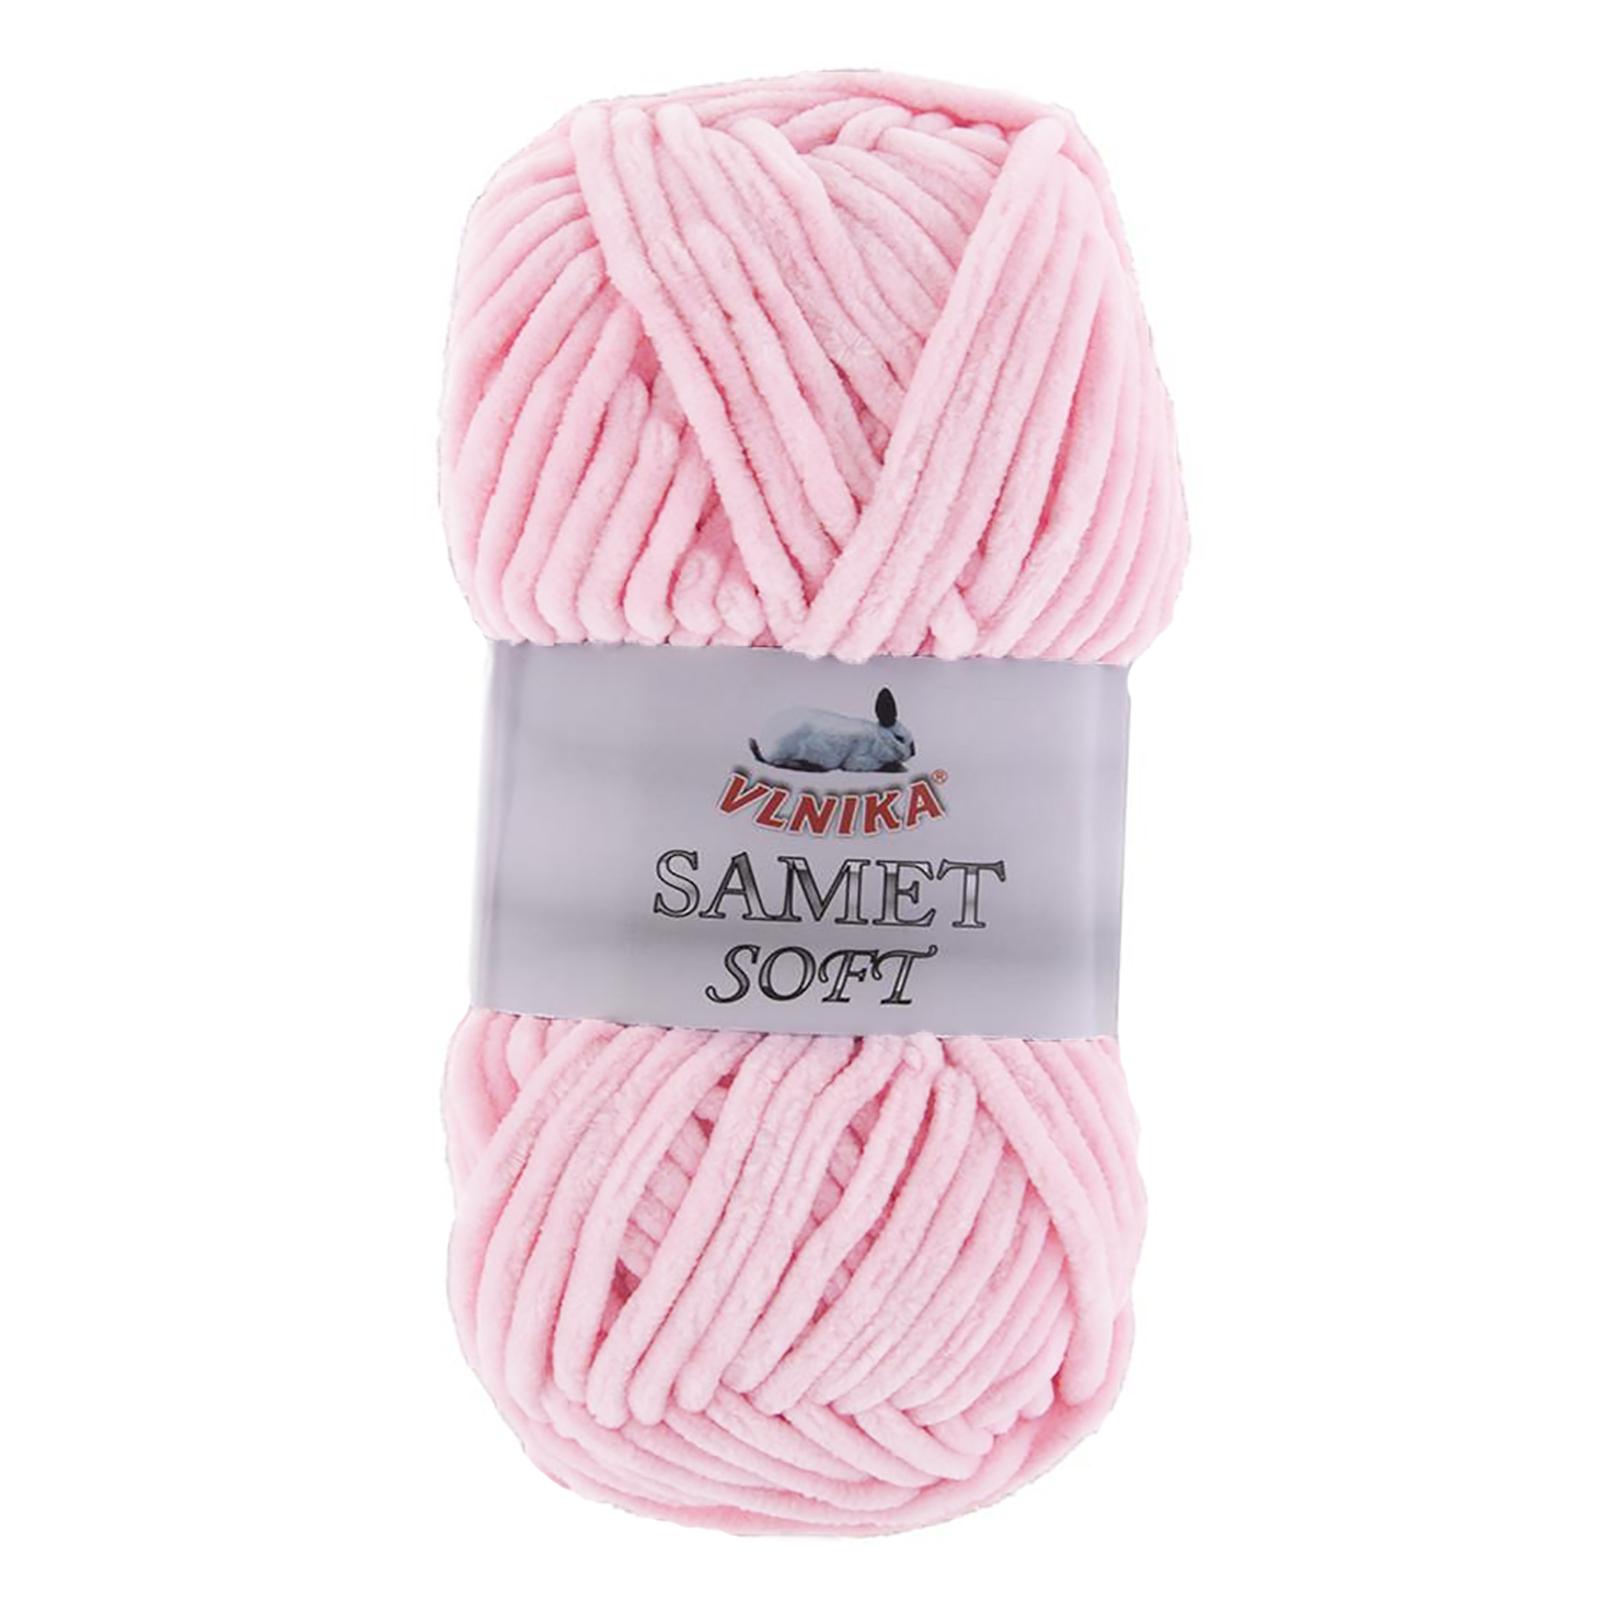 100g Strickgarn Samet Soft Chenille-Strickgarn Samtwolle Strickwolle flauschige Farbwahl – Bild 2